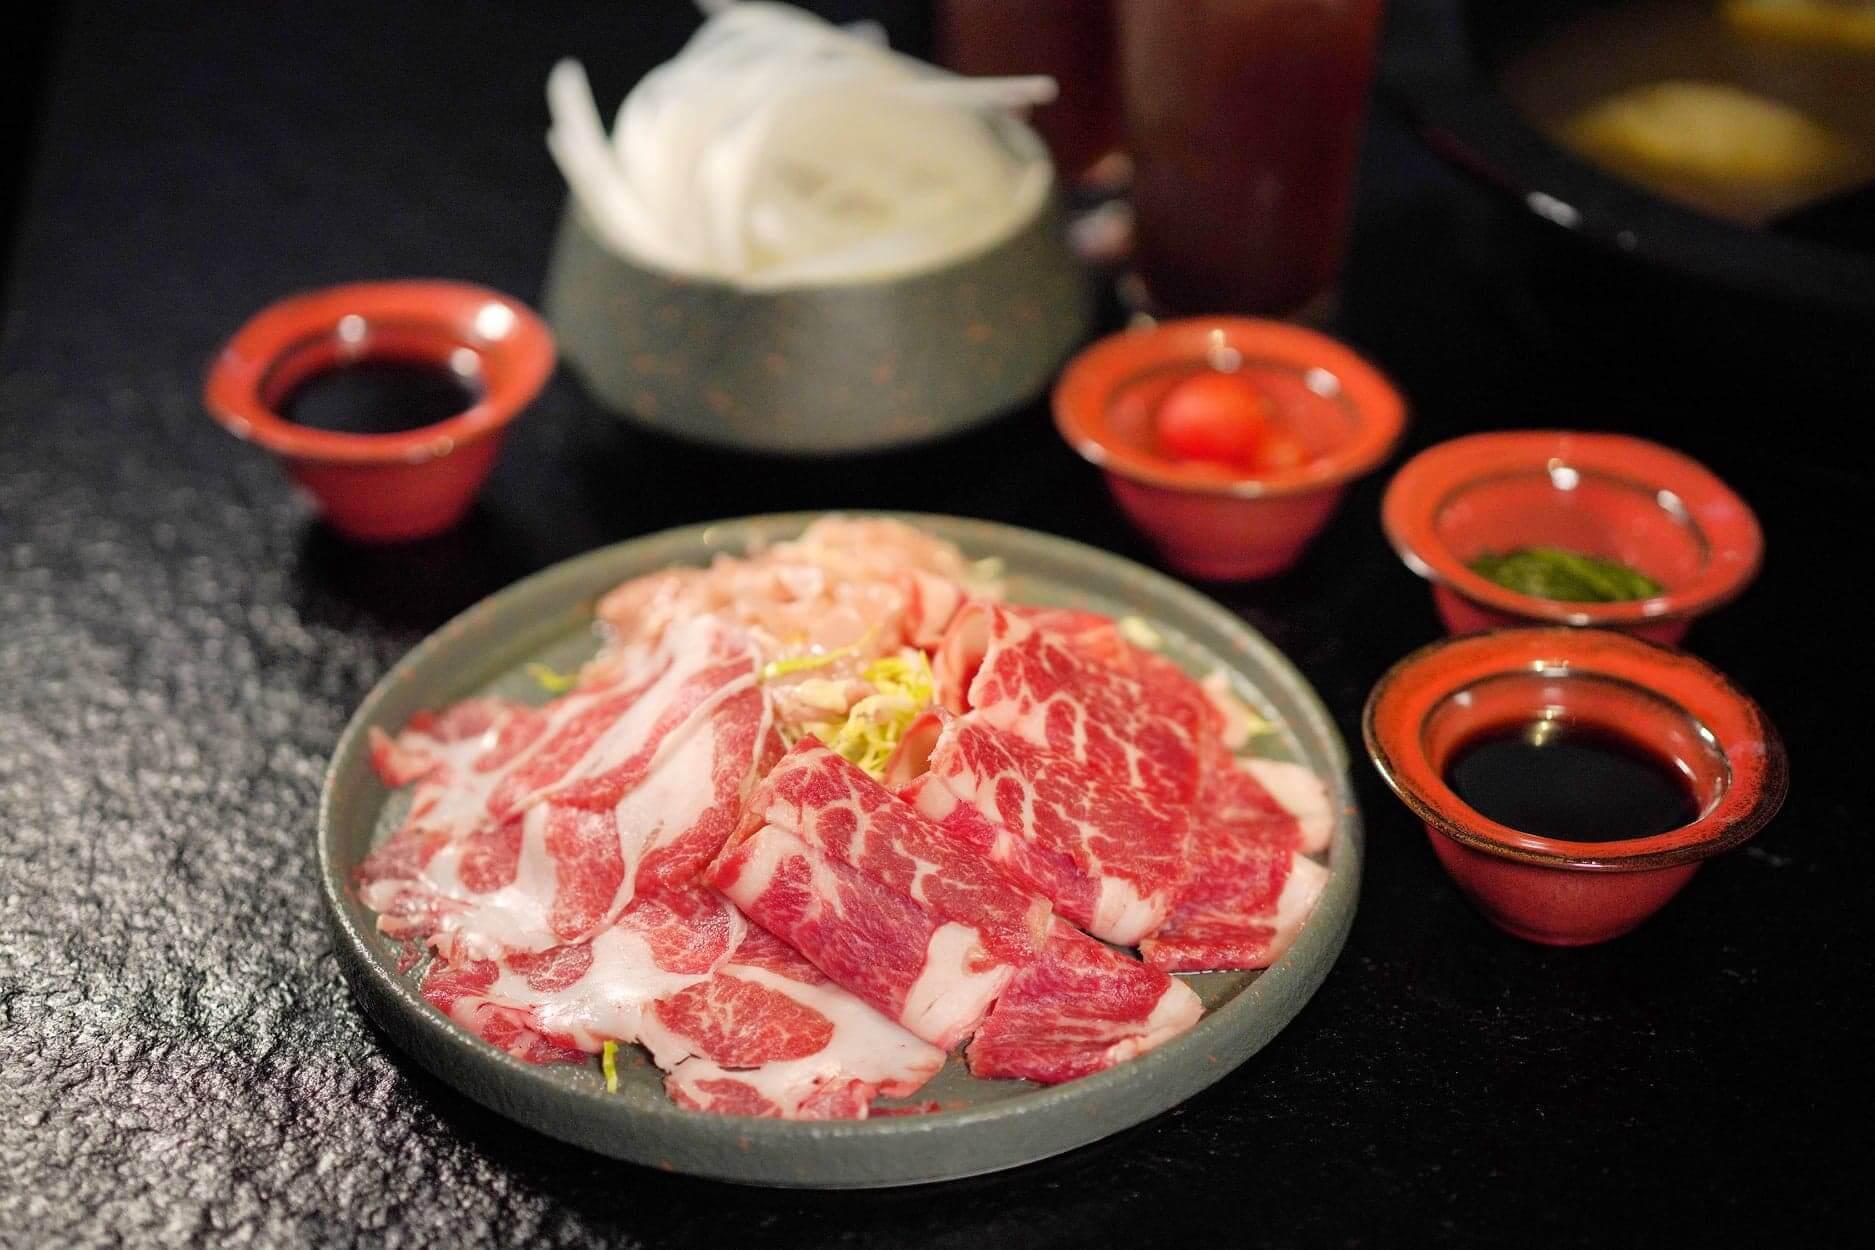 套餐肉類有西班牙伊比利豚梅肉、美國安格斯牛肩肉,以及雞肉。